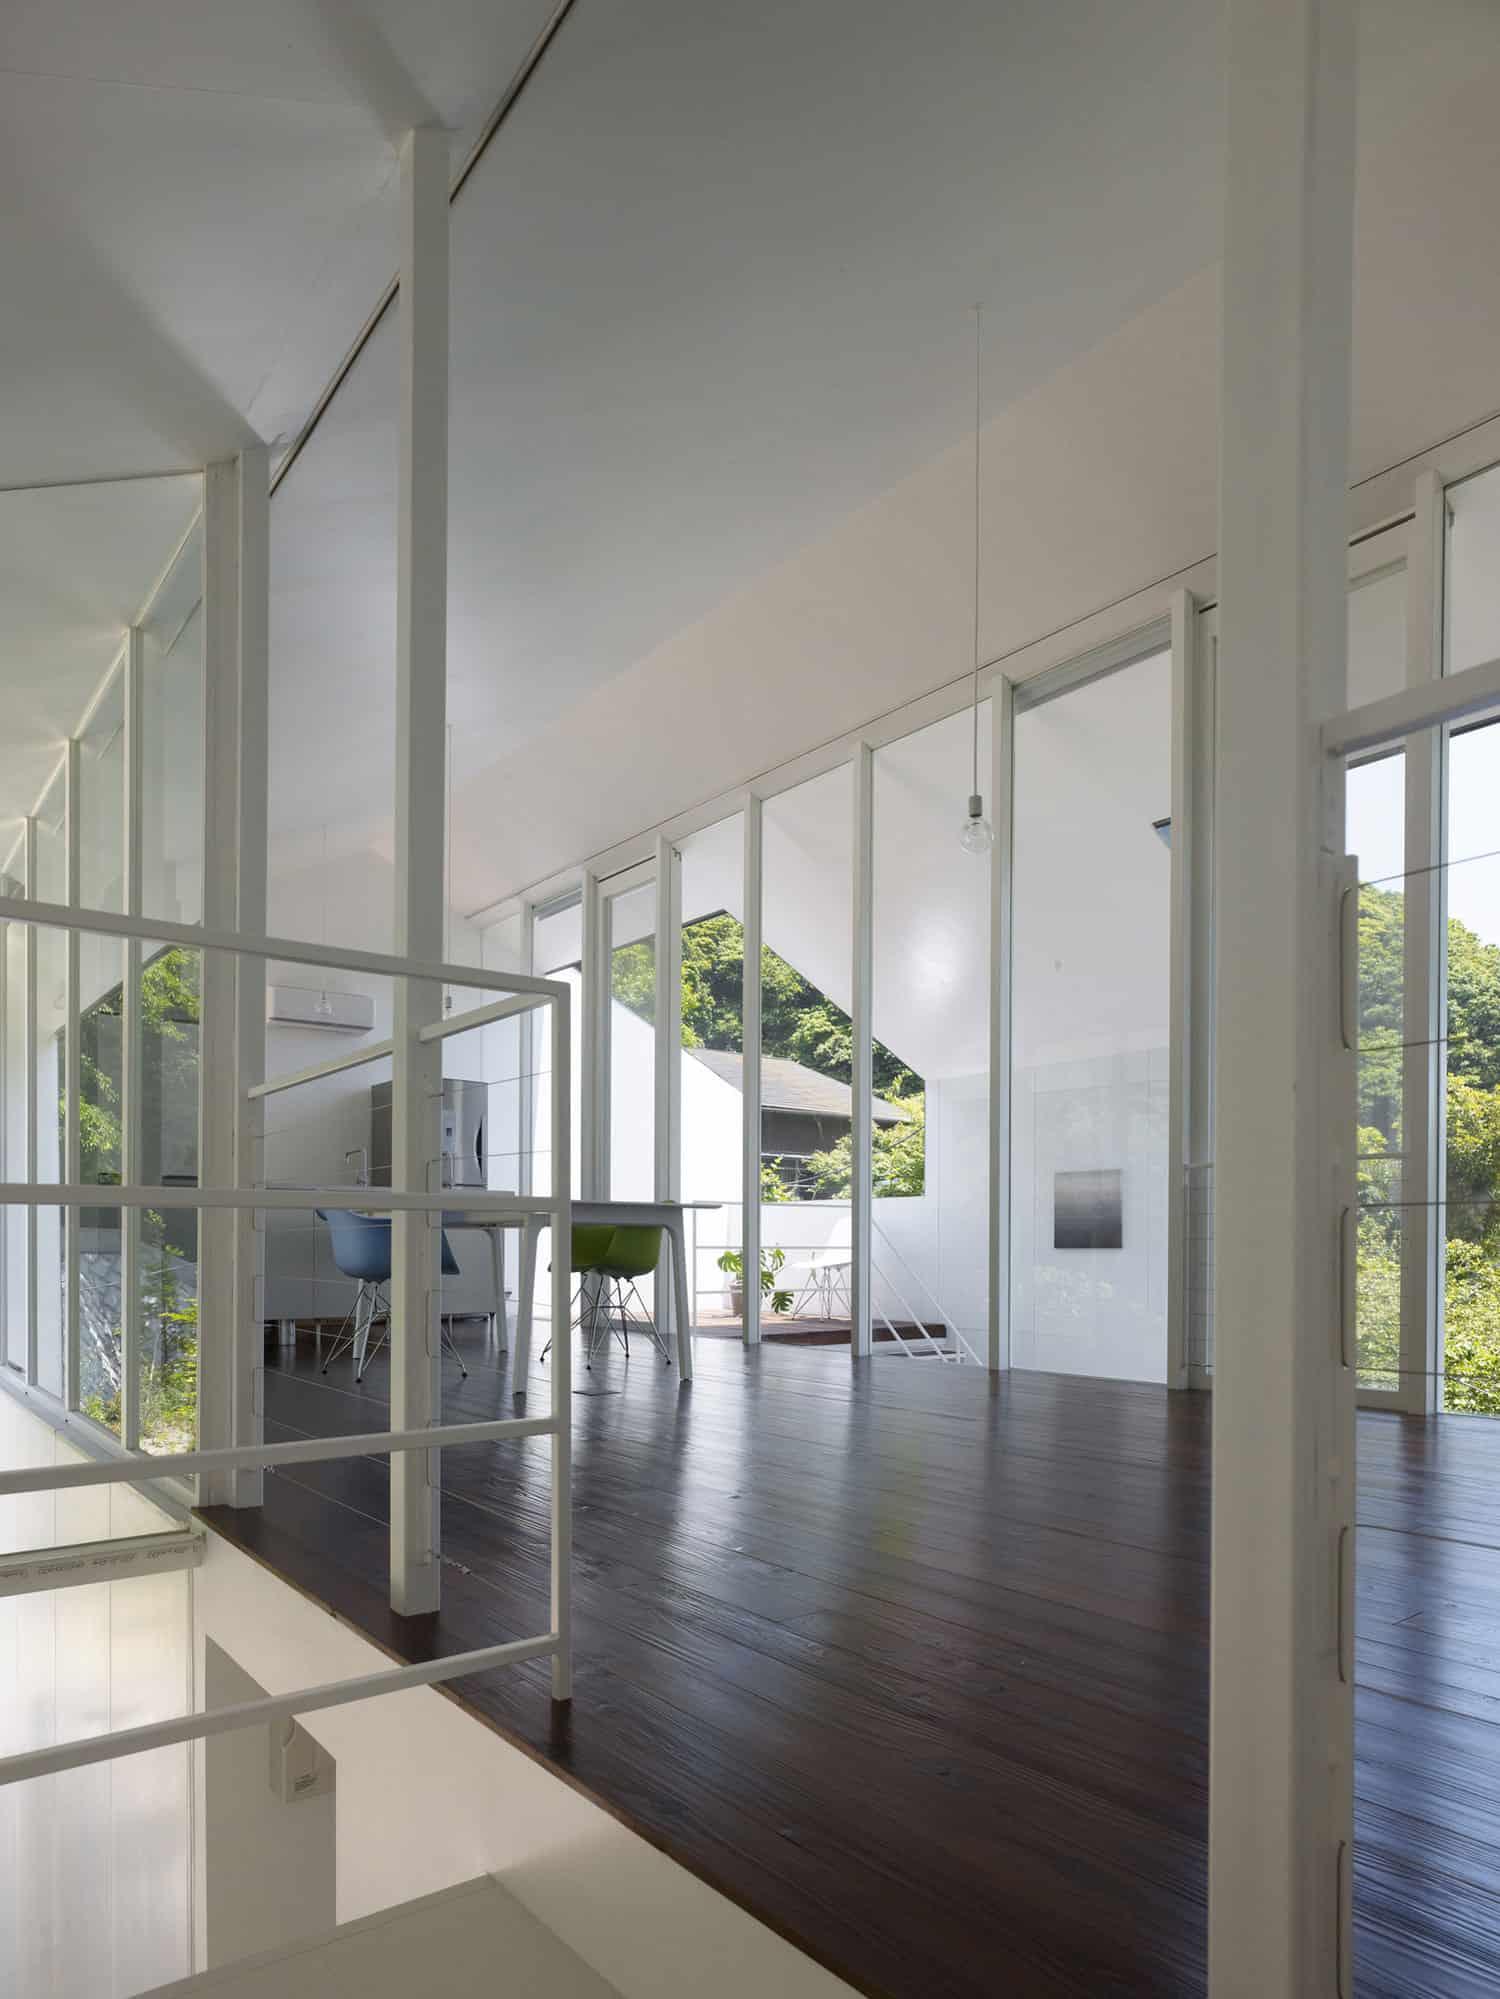 47% House by Kochi Architects Studio (5)